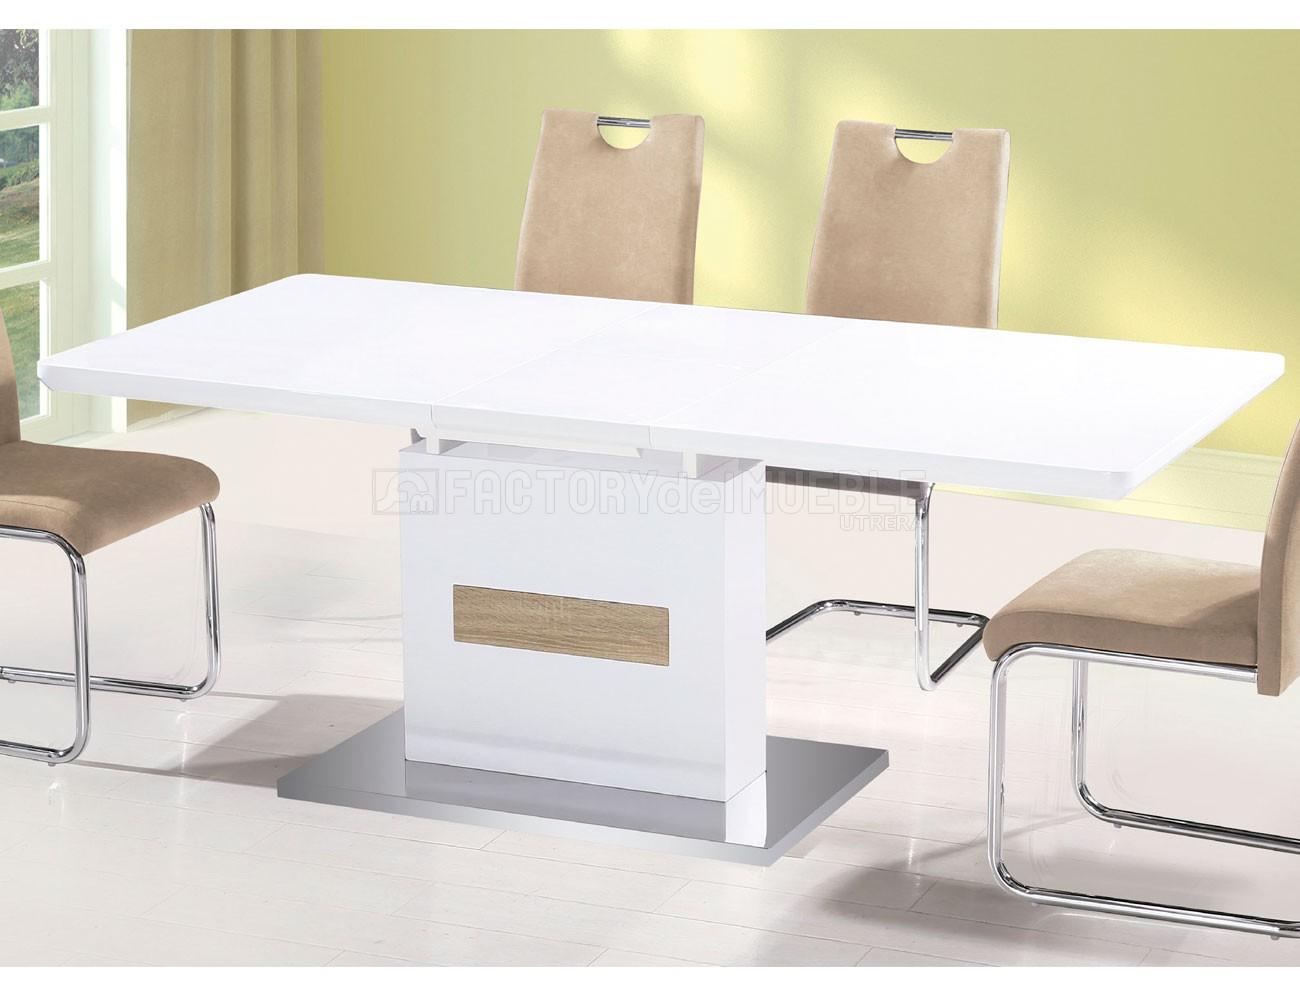 Mesa comedor extensible en blanco lacado con cambrian y base acero ...